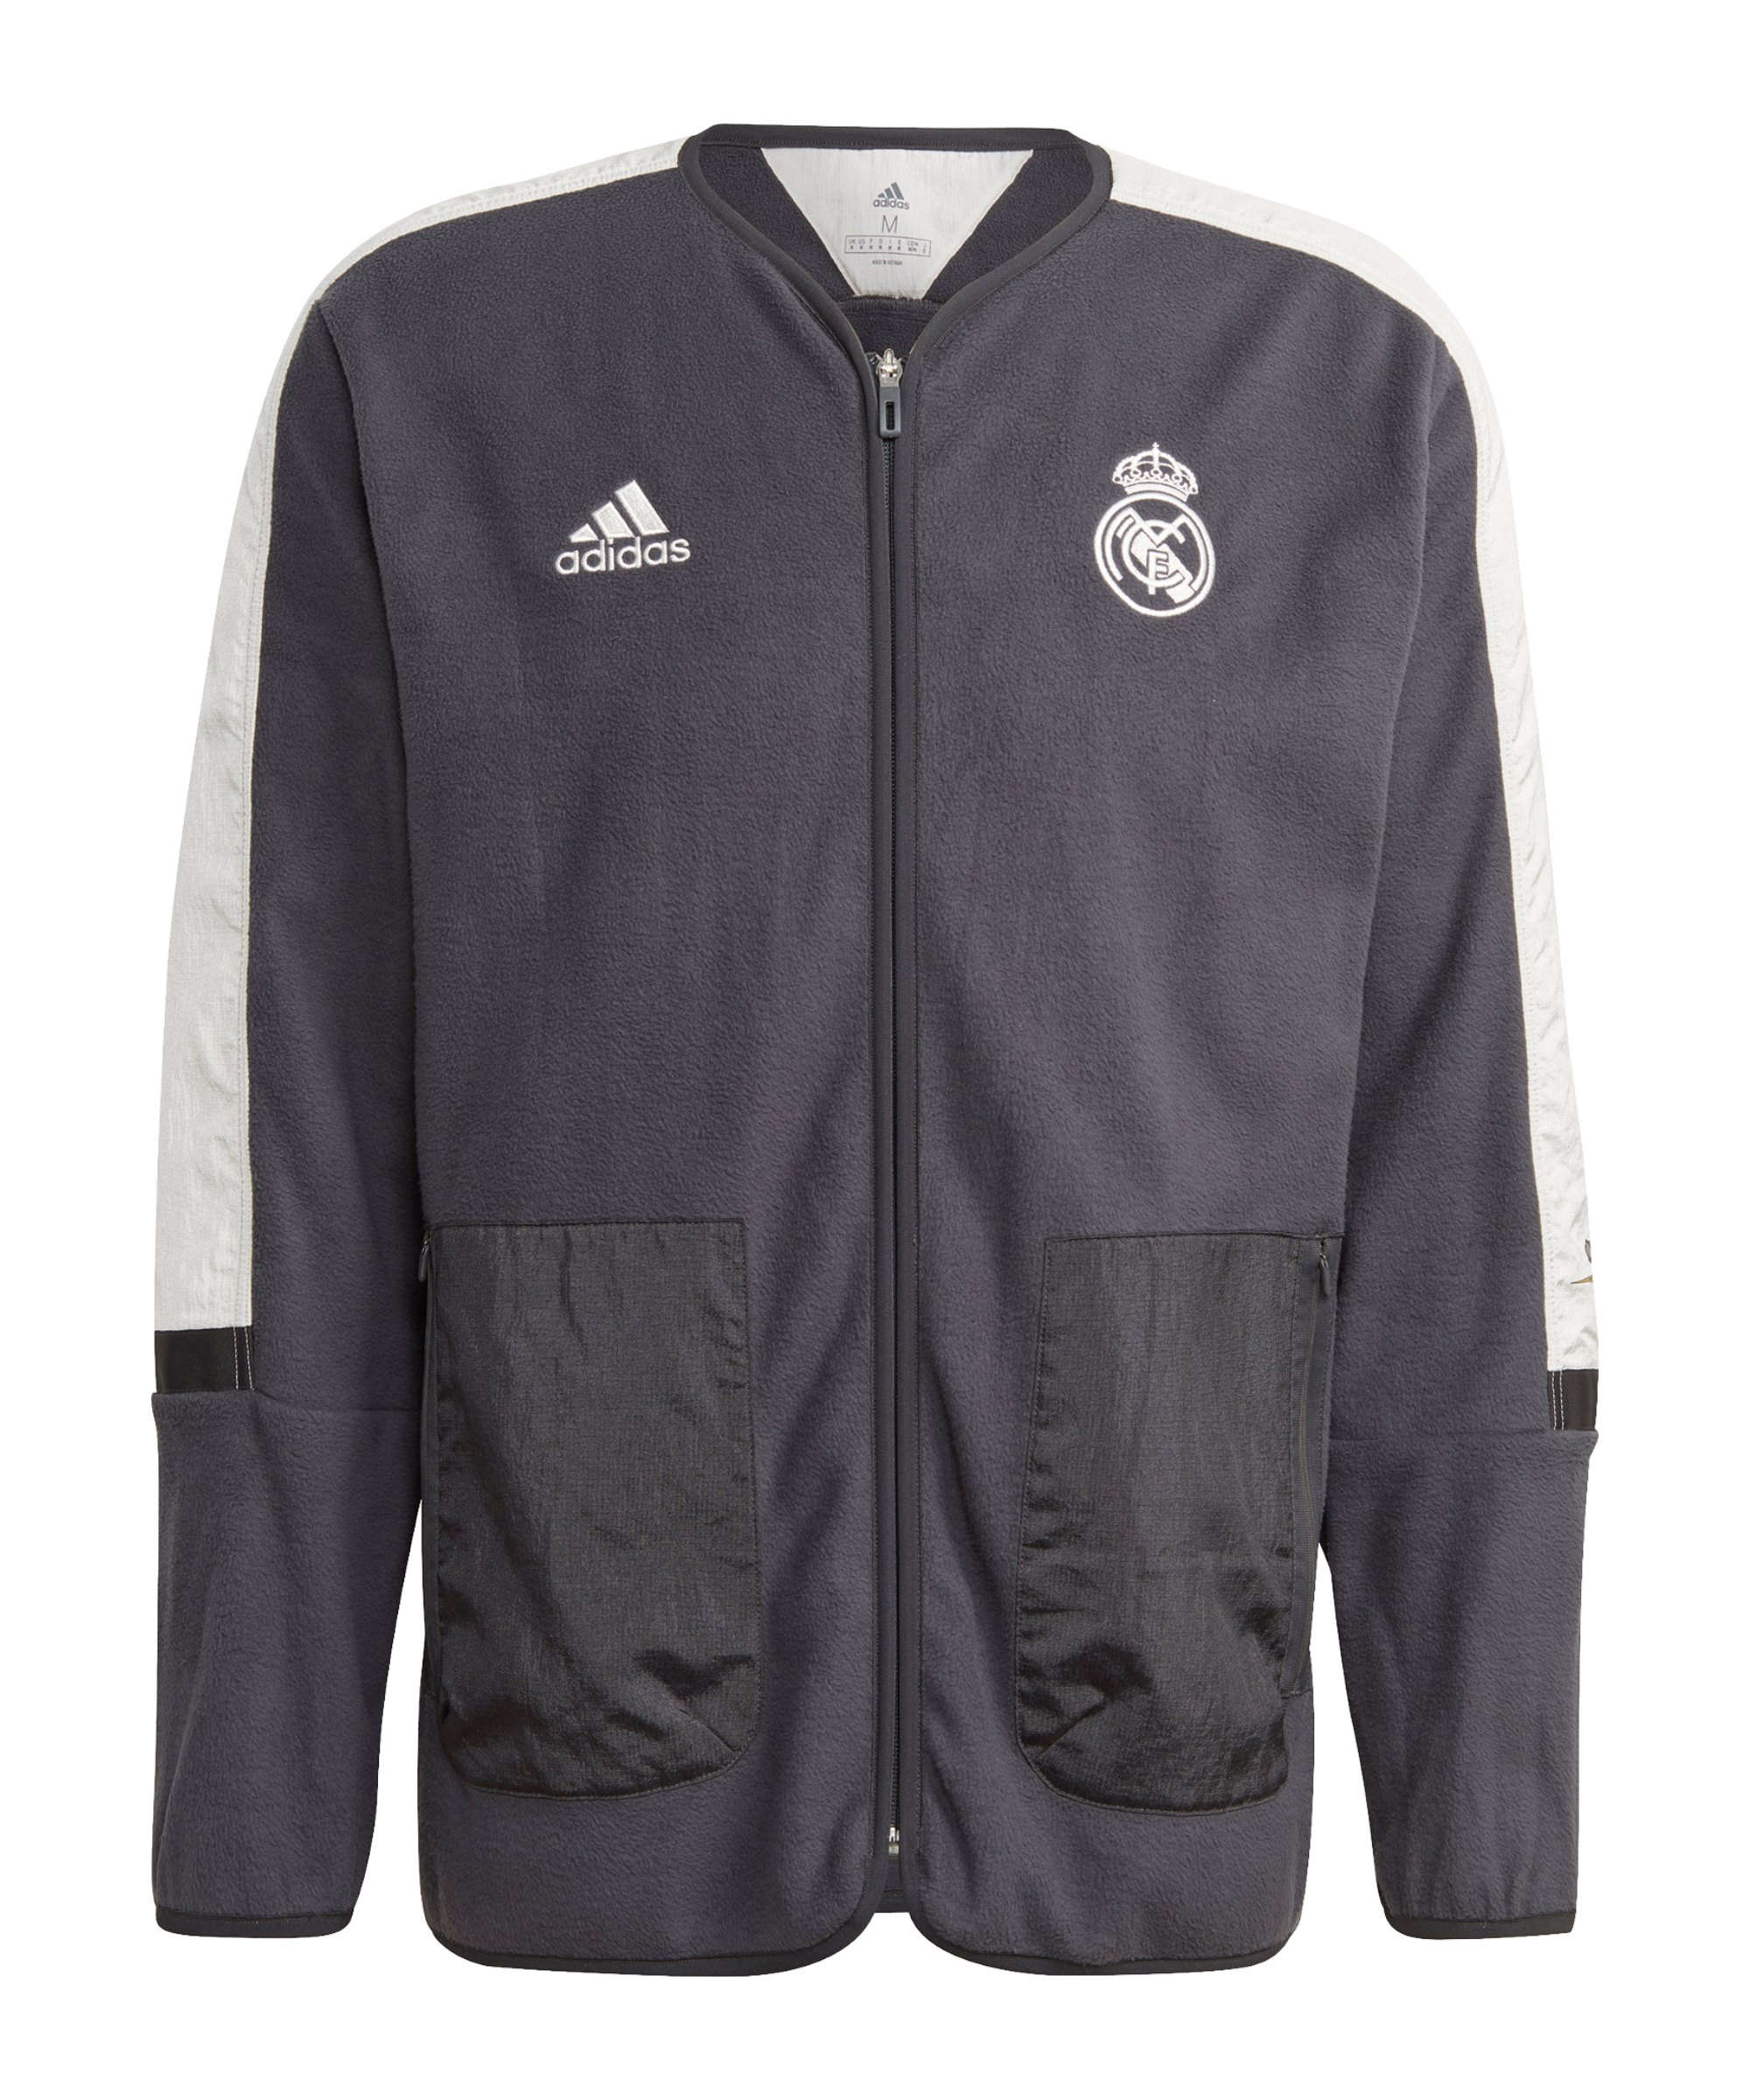 adidas Real Madrid Freizeitjacke Schwarz - schwarz